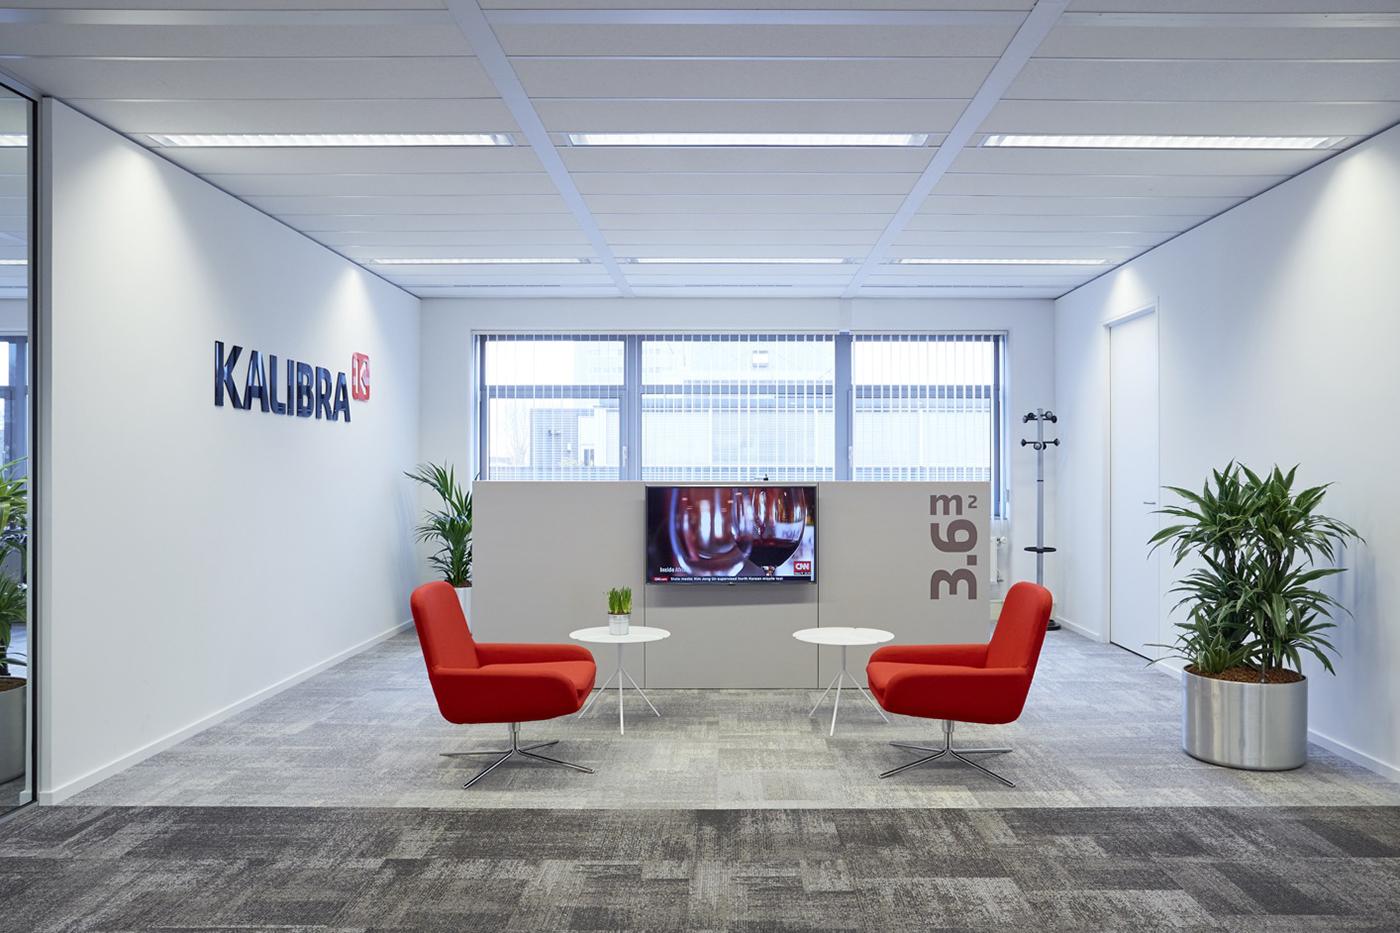 WimvanEvert-Interieur-Kalibra-International-5